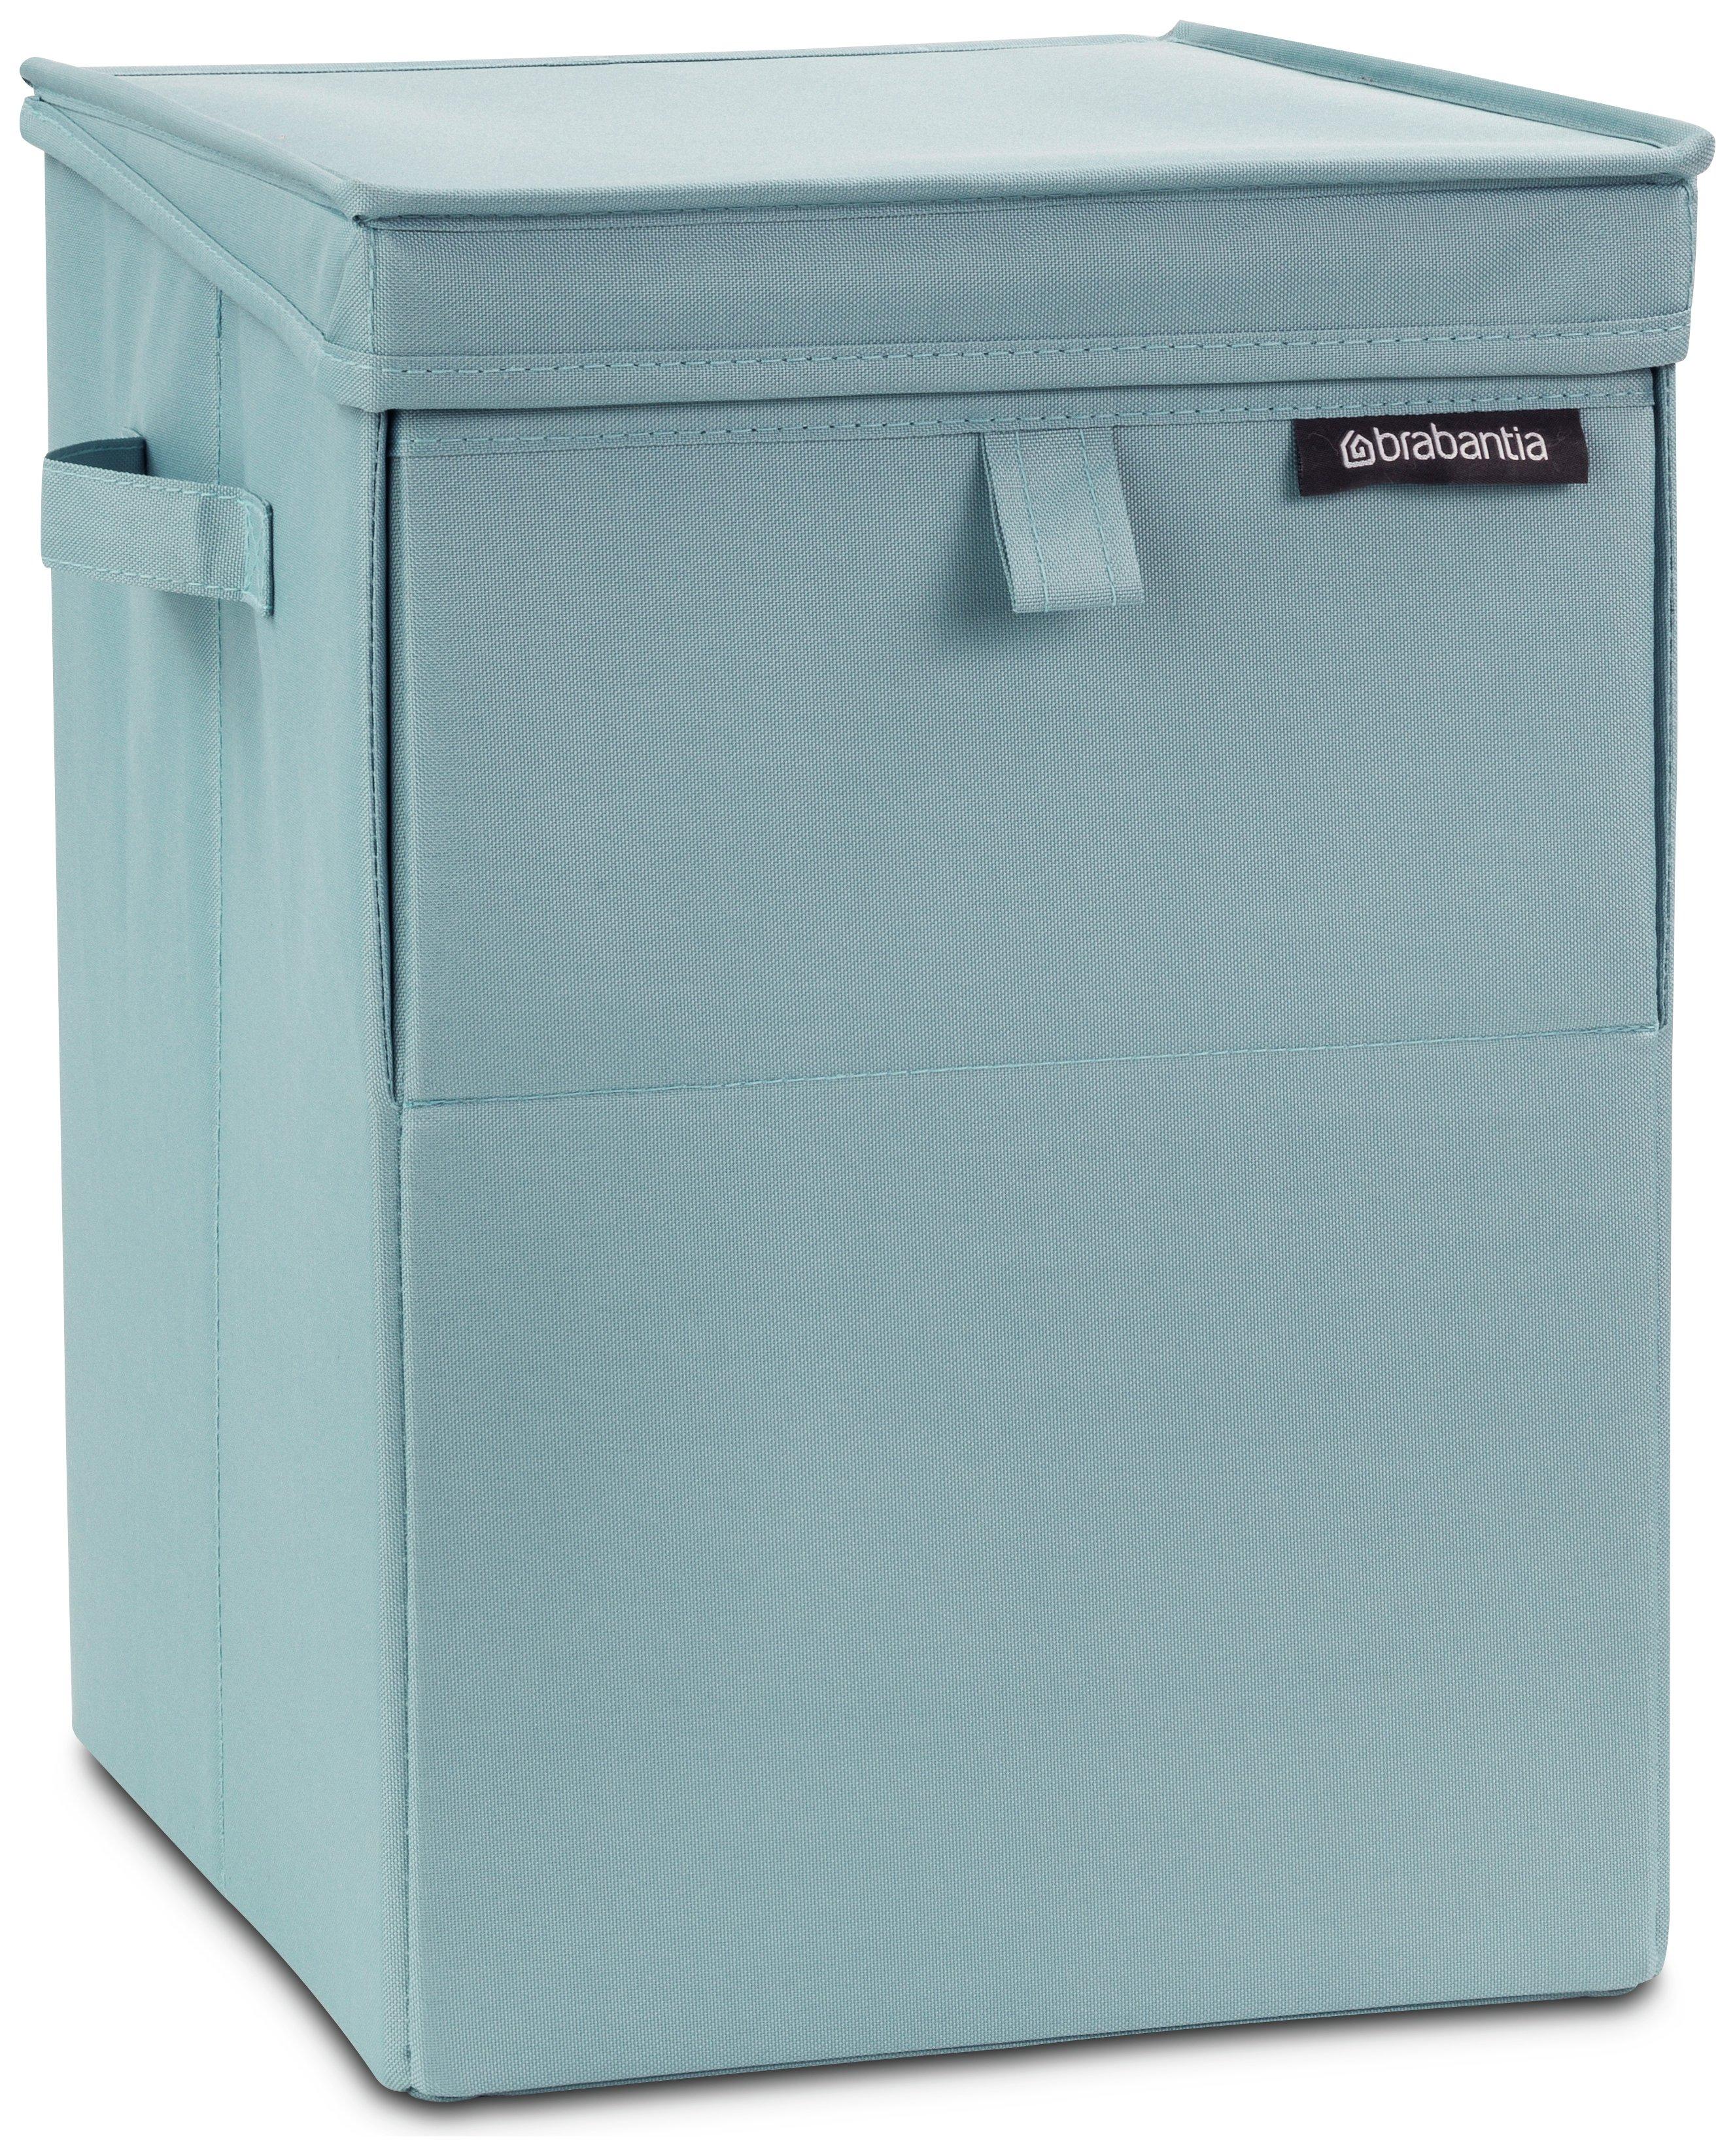 brabantia-35-litre-stackable-laundry-box-mint